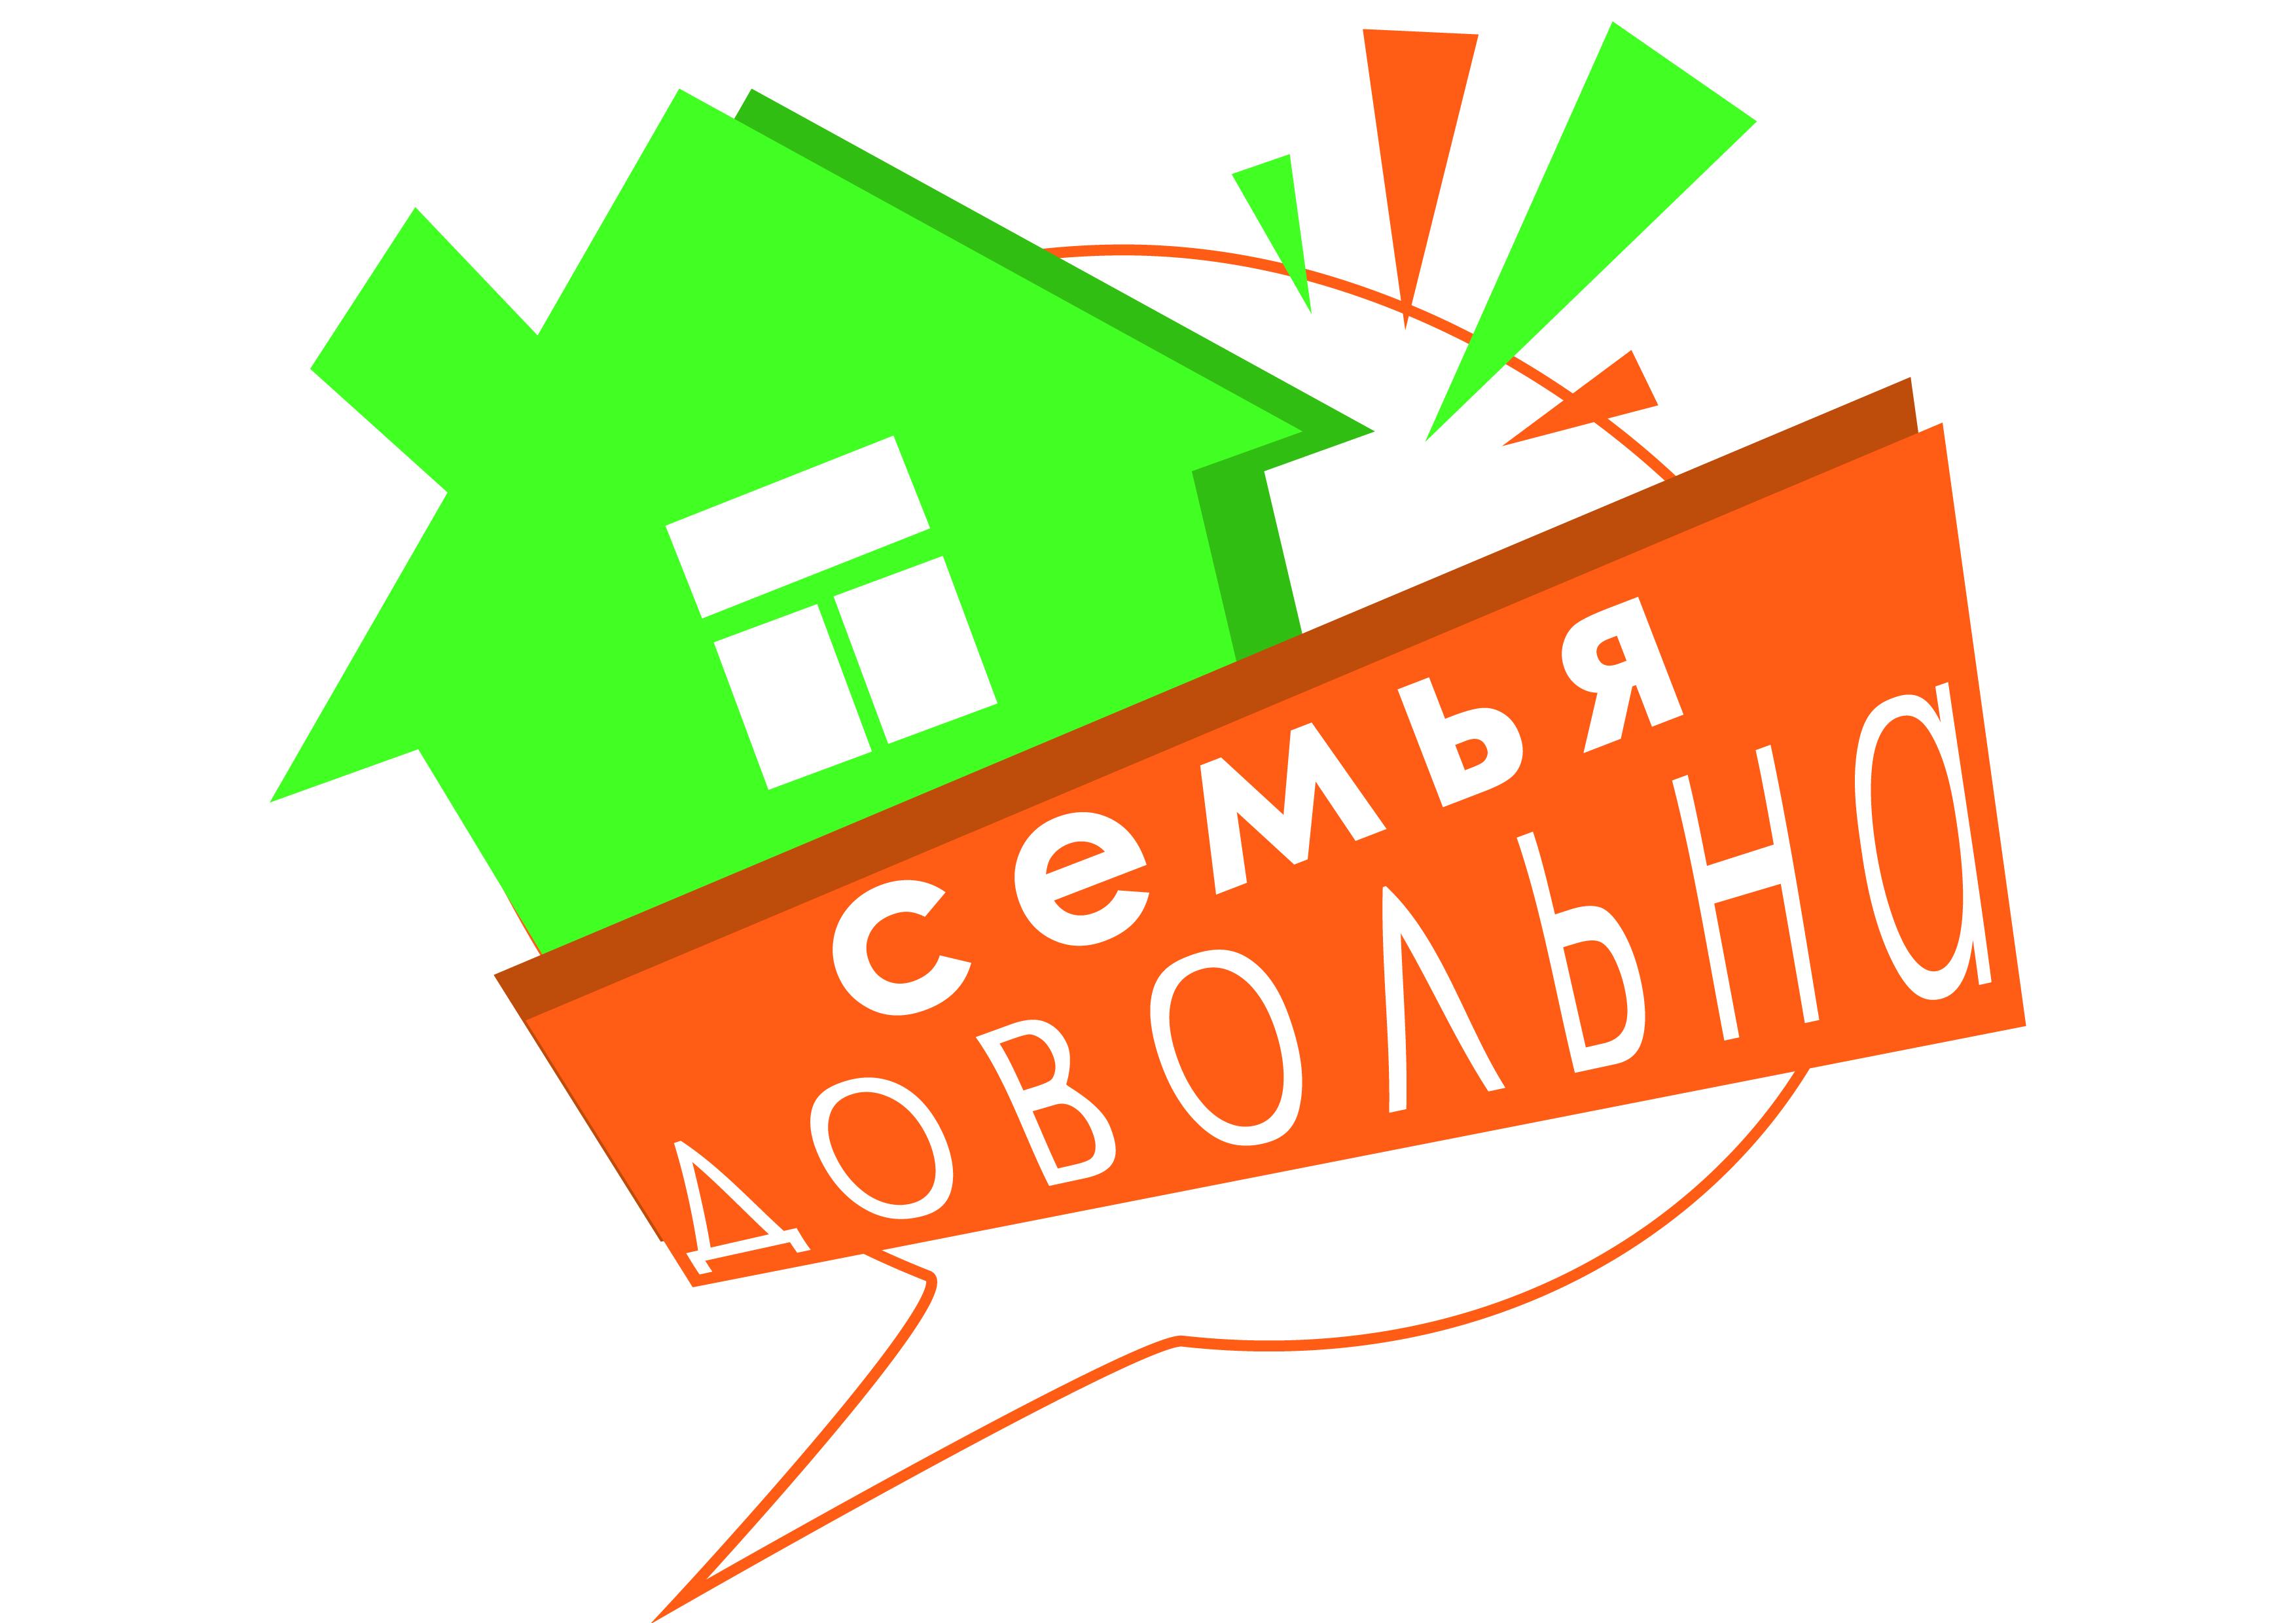 """Разработайте логотип для торговой марки """"Семья довольна"""" фото f_3345ba91f9841303.jpg"""